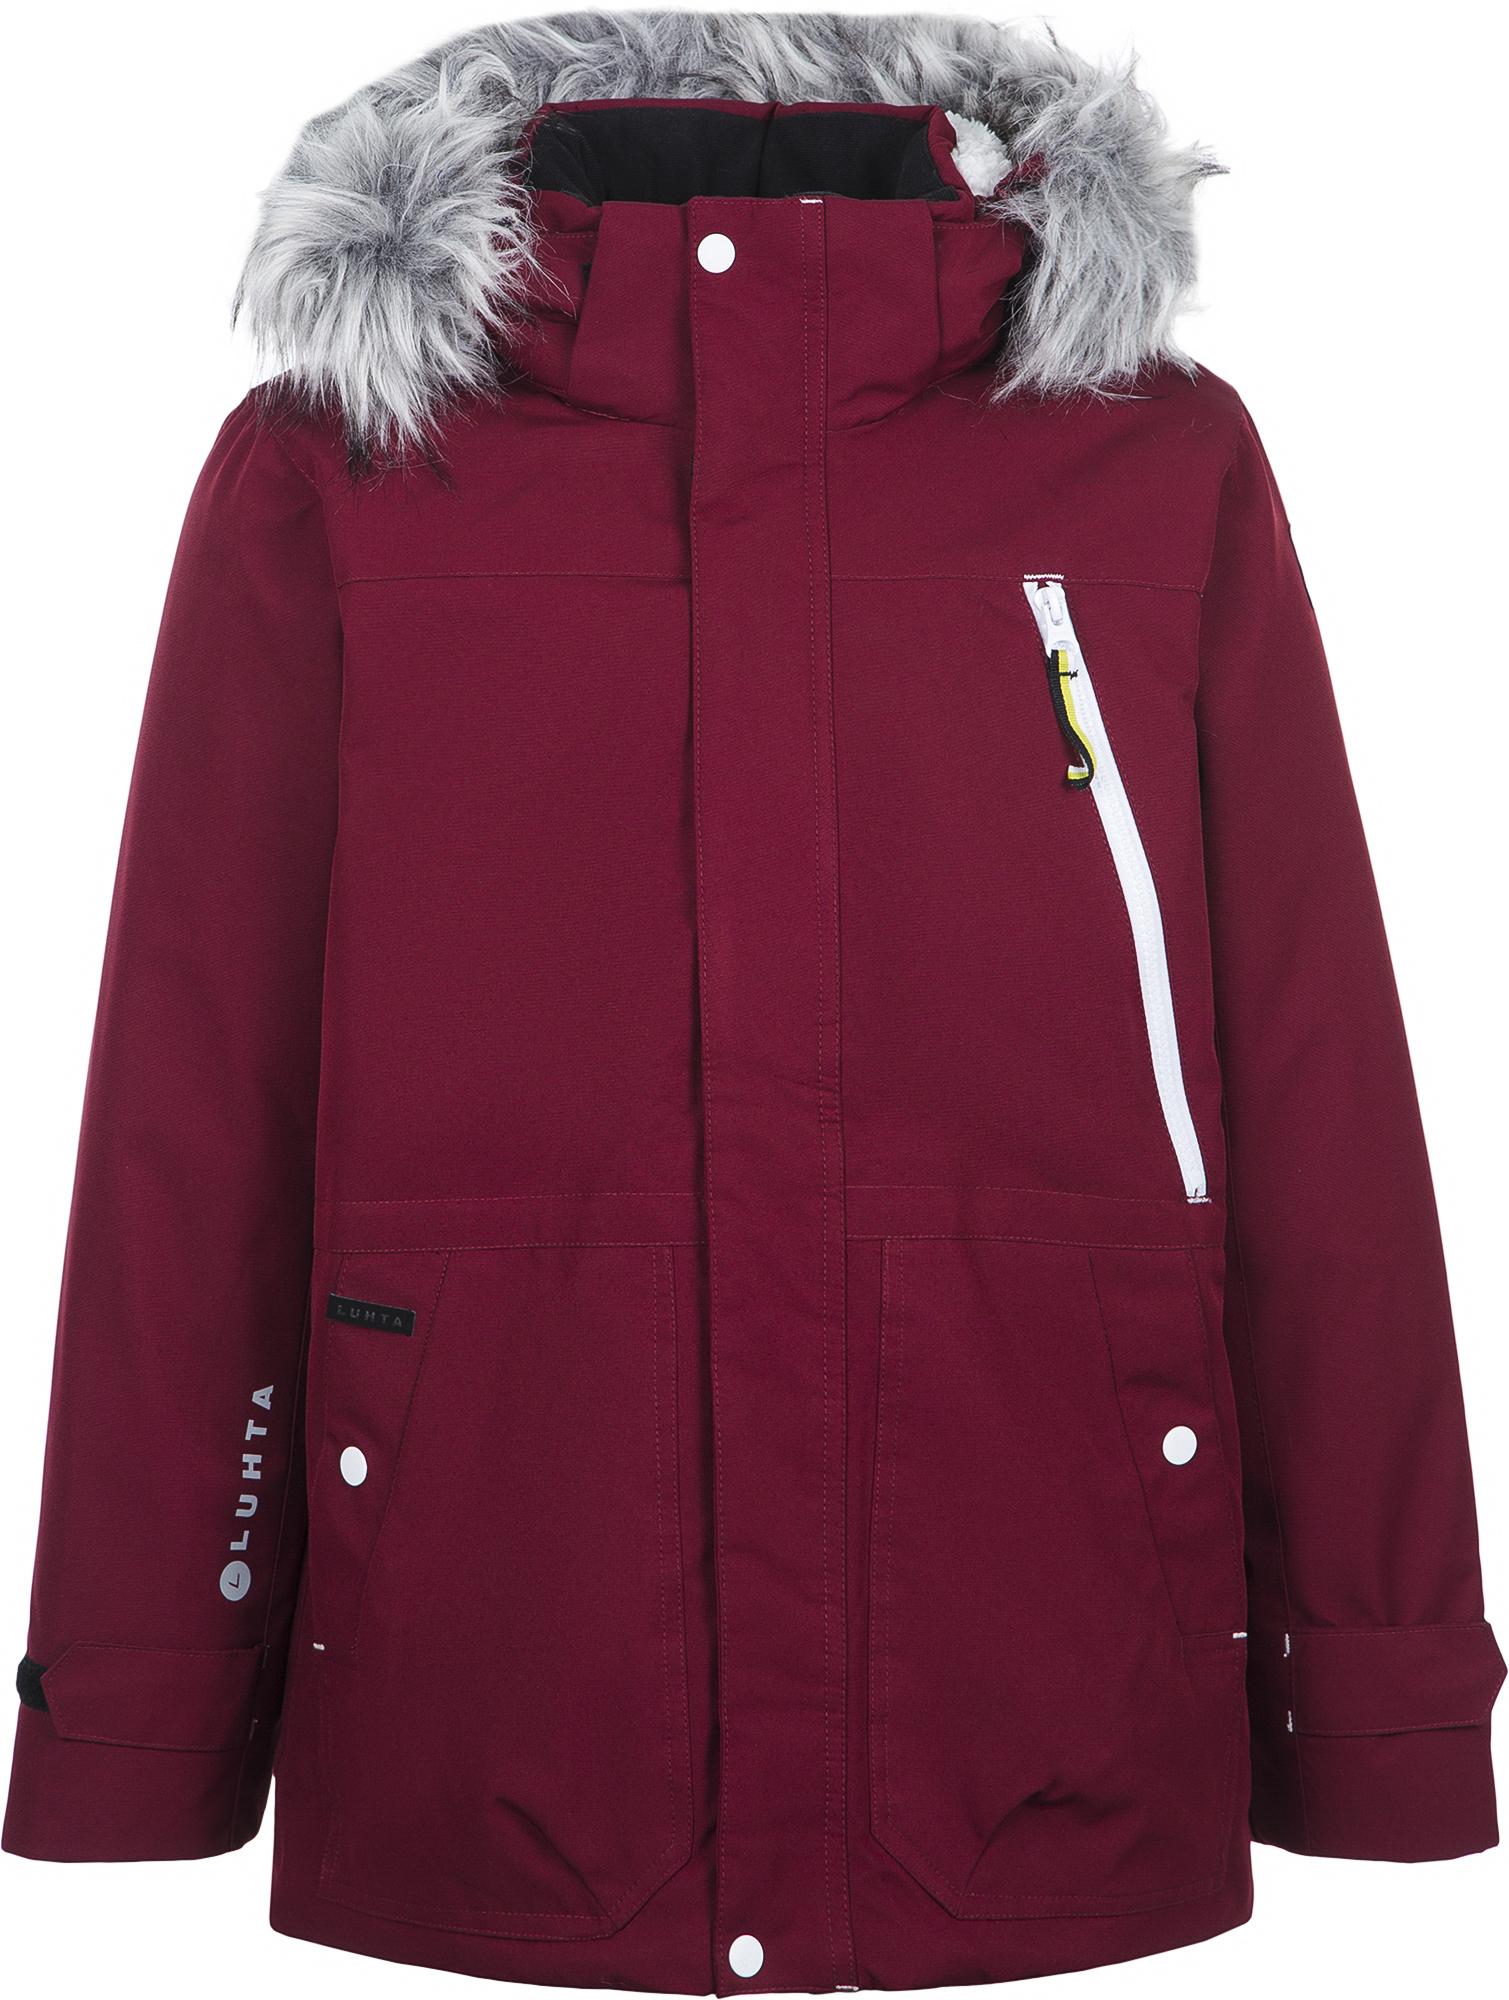 Luhta Куртка утепленная для мальчиков Luhta Lenku JR, размер 164 цена и фото